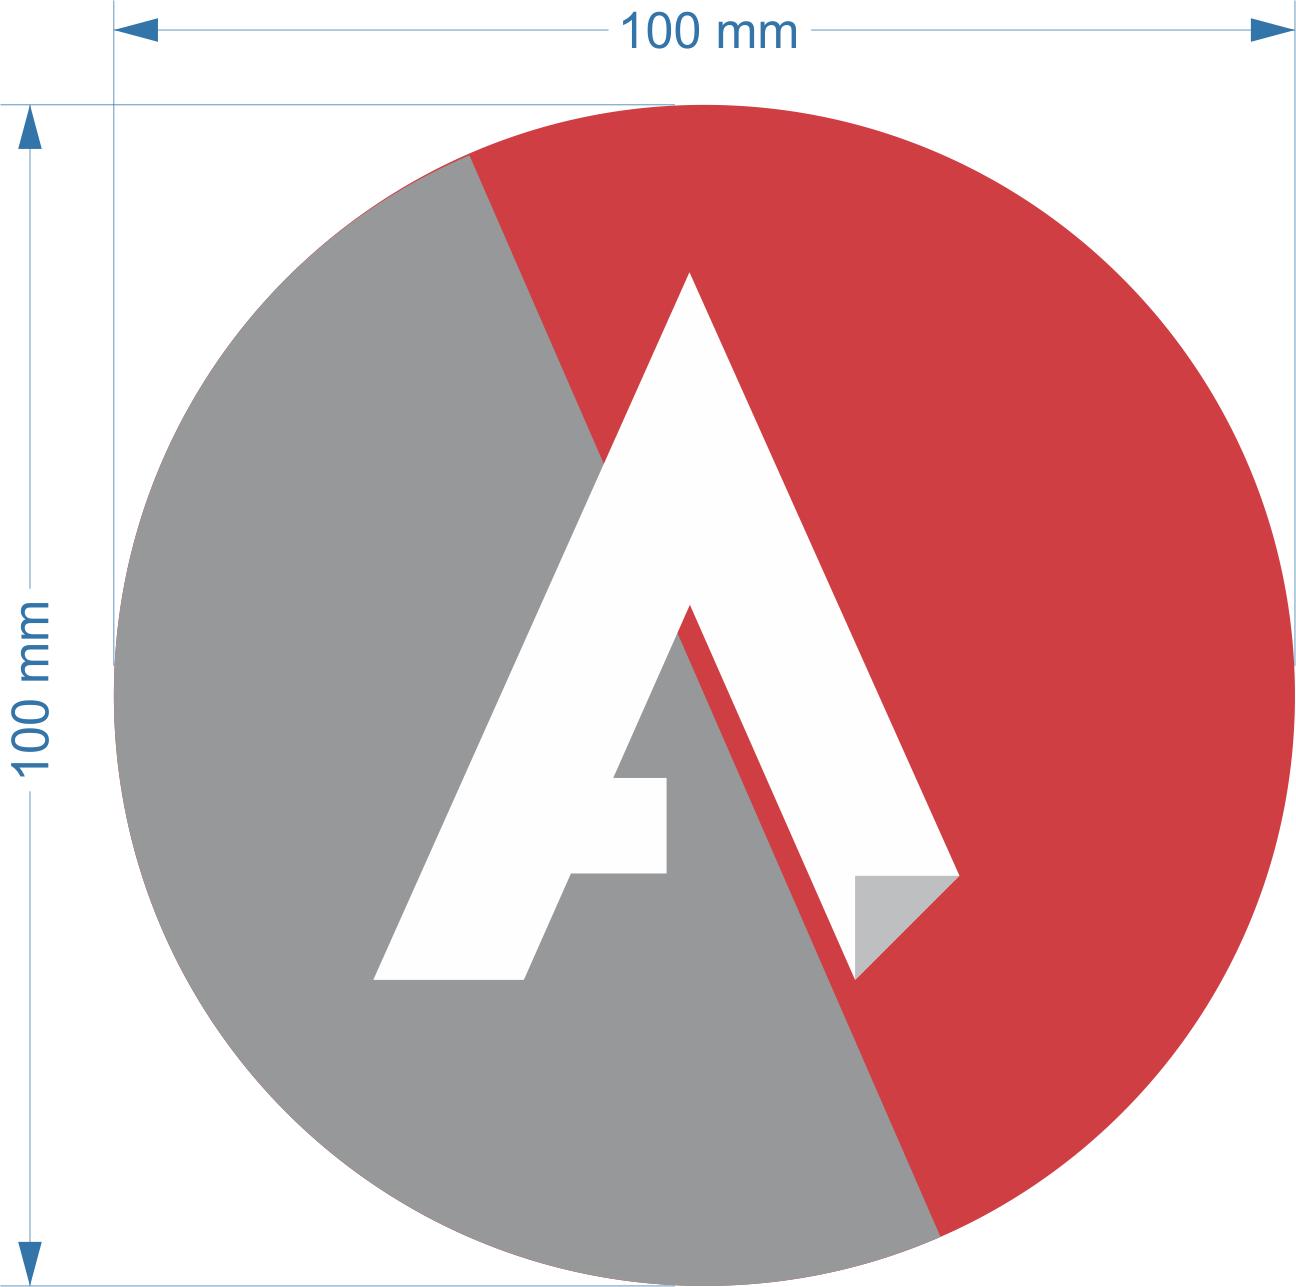 Etiquetas Adesivas Personalizadas Redonda 2 Cores 10cm  10 rolos